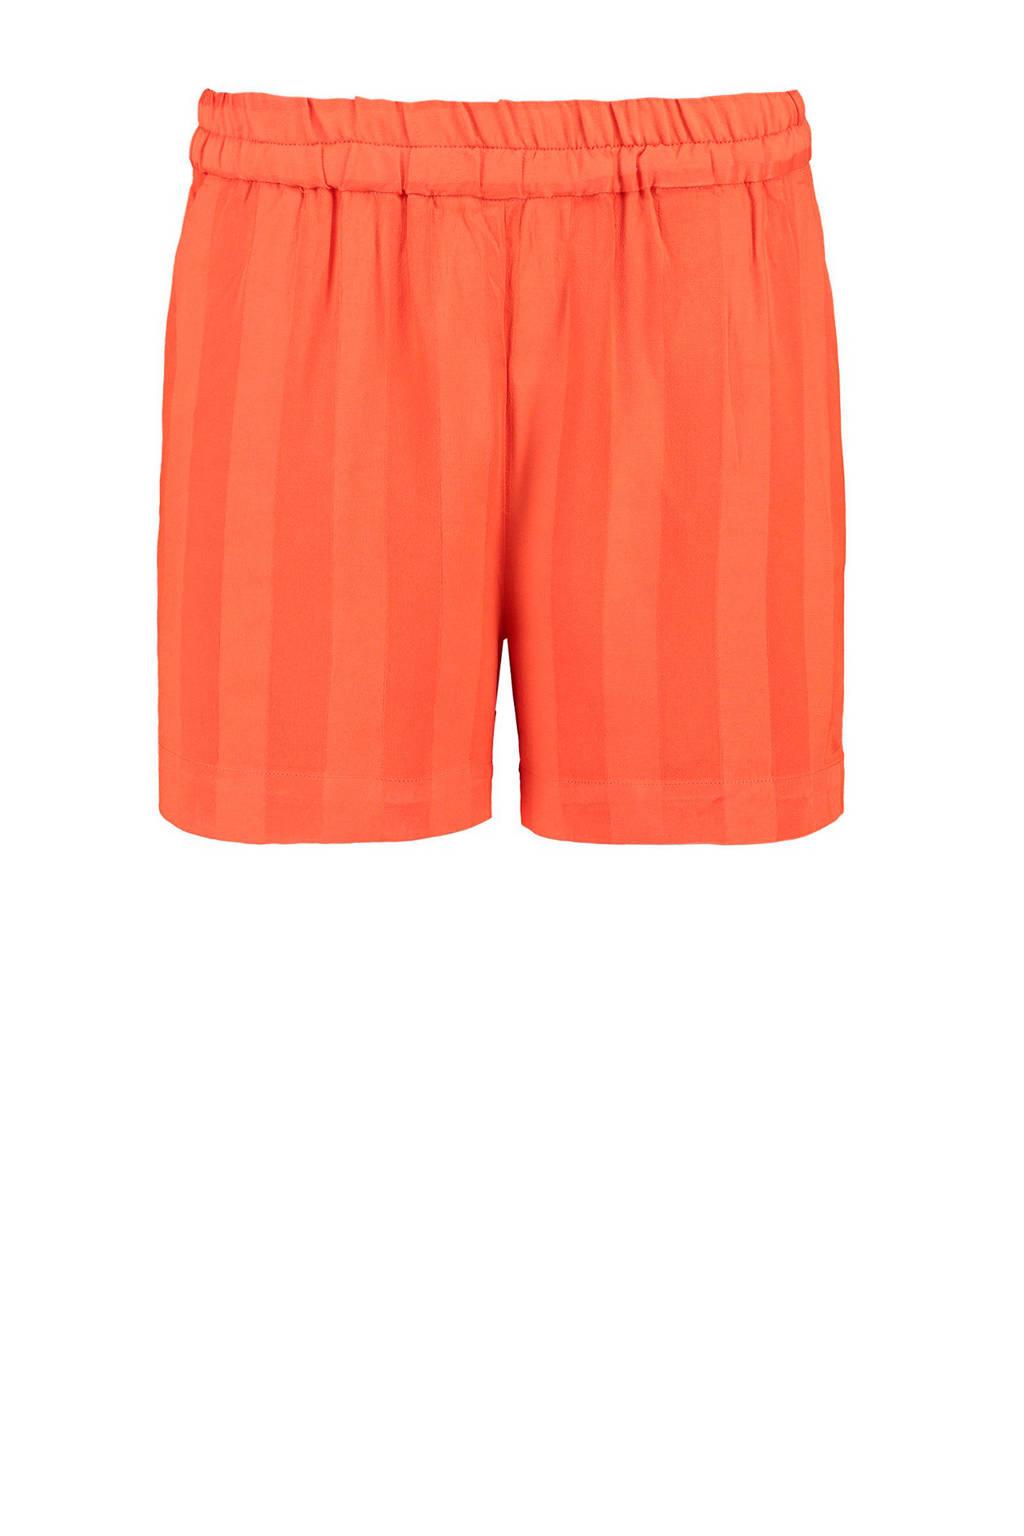 CKS korte broek oranje, Oranje